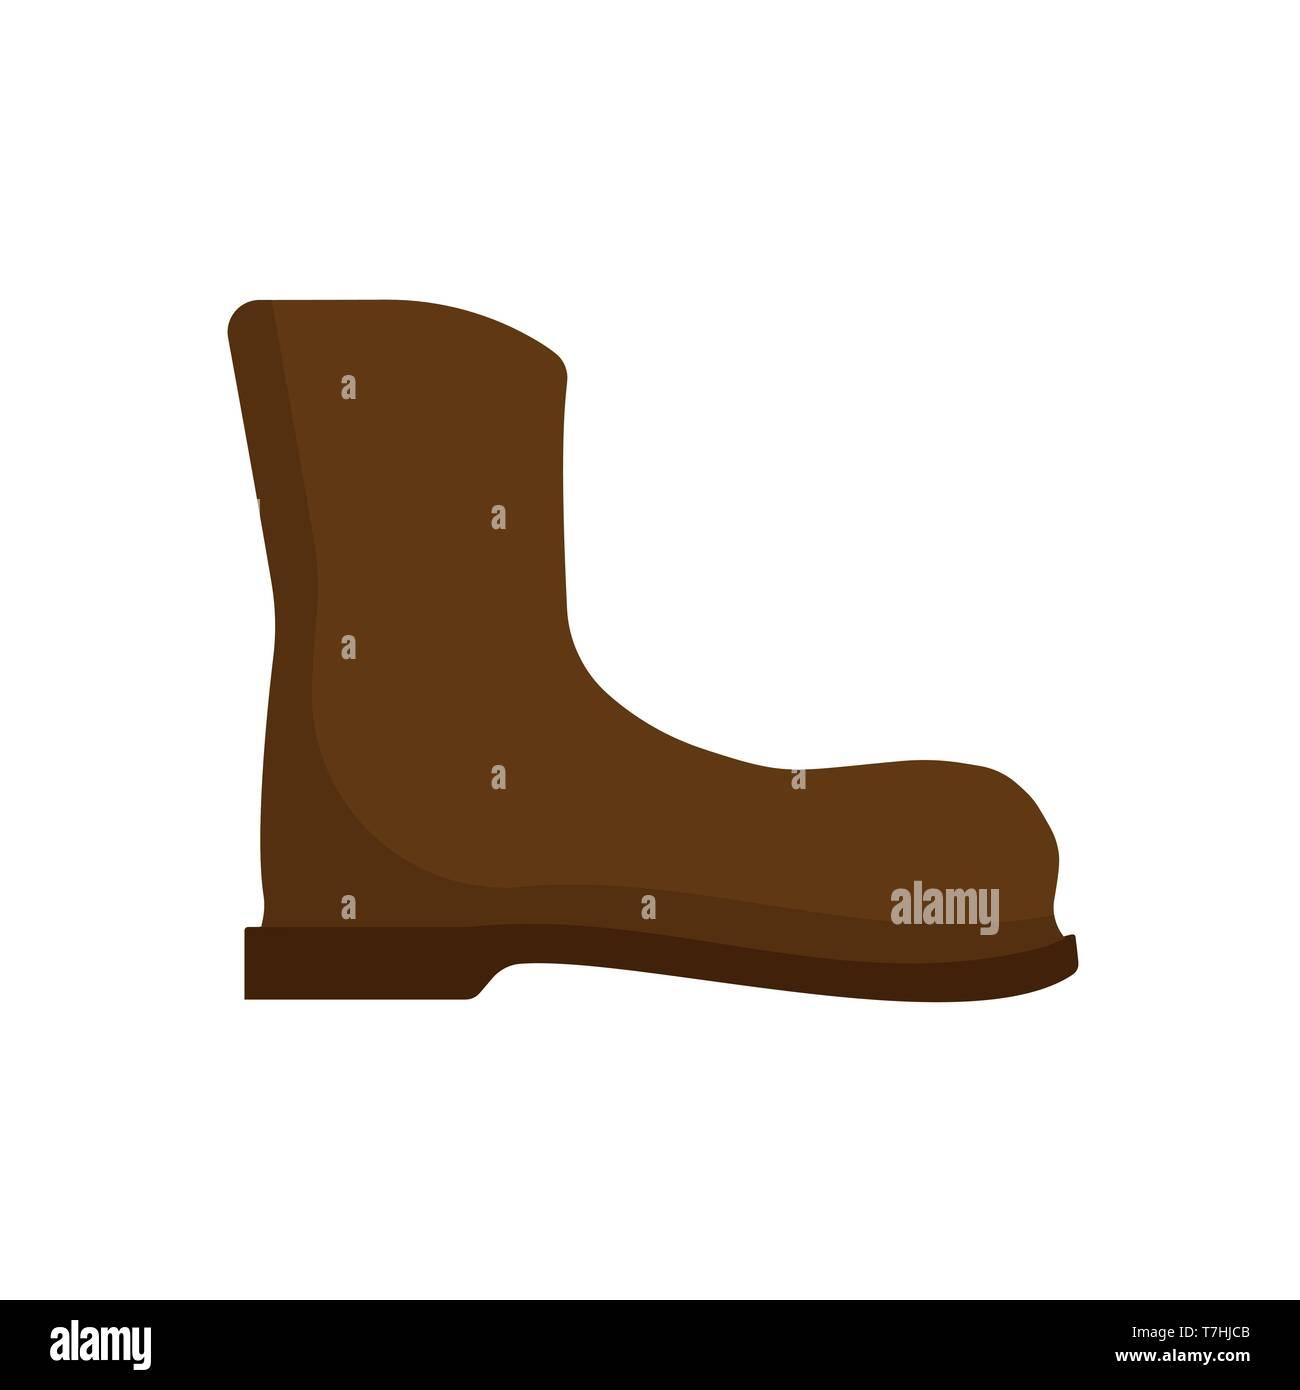 69fcb3b5 Bota de trabajo los zapatos de cuero de diseño vectorial arte icono.  Seguridad de montaña